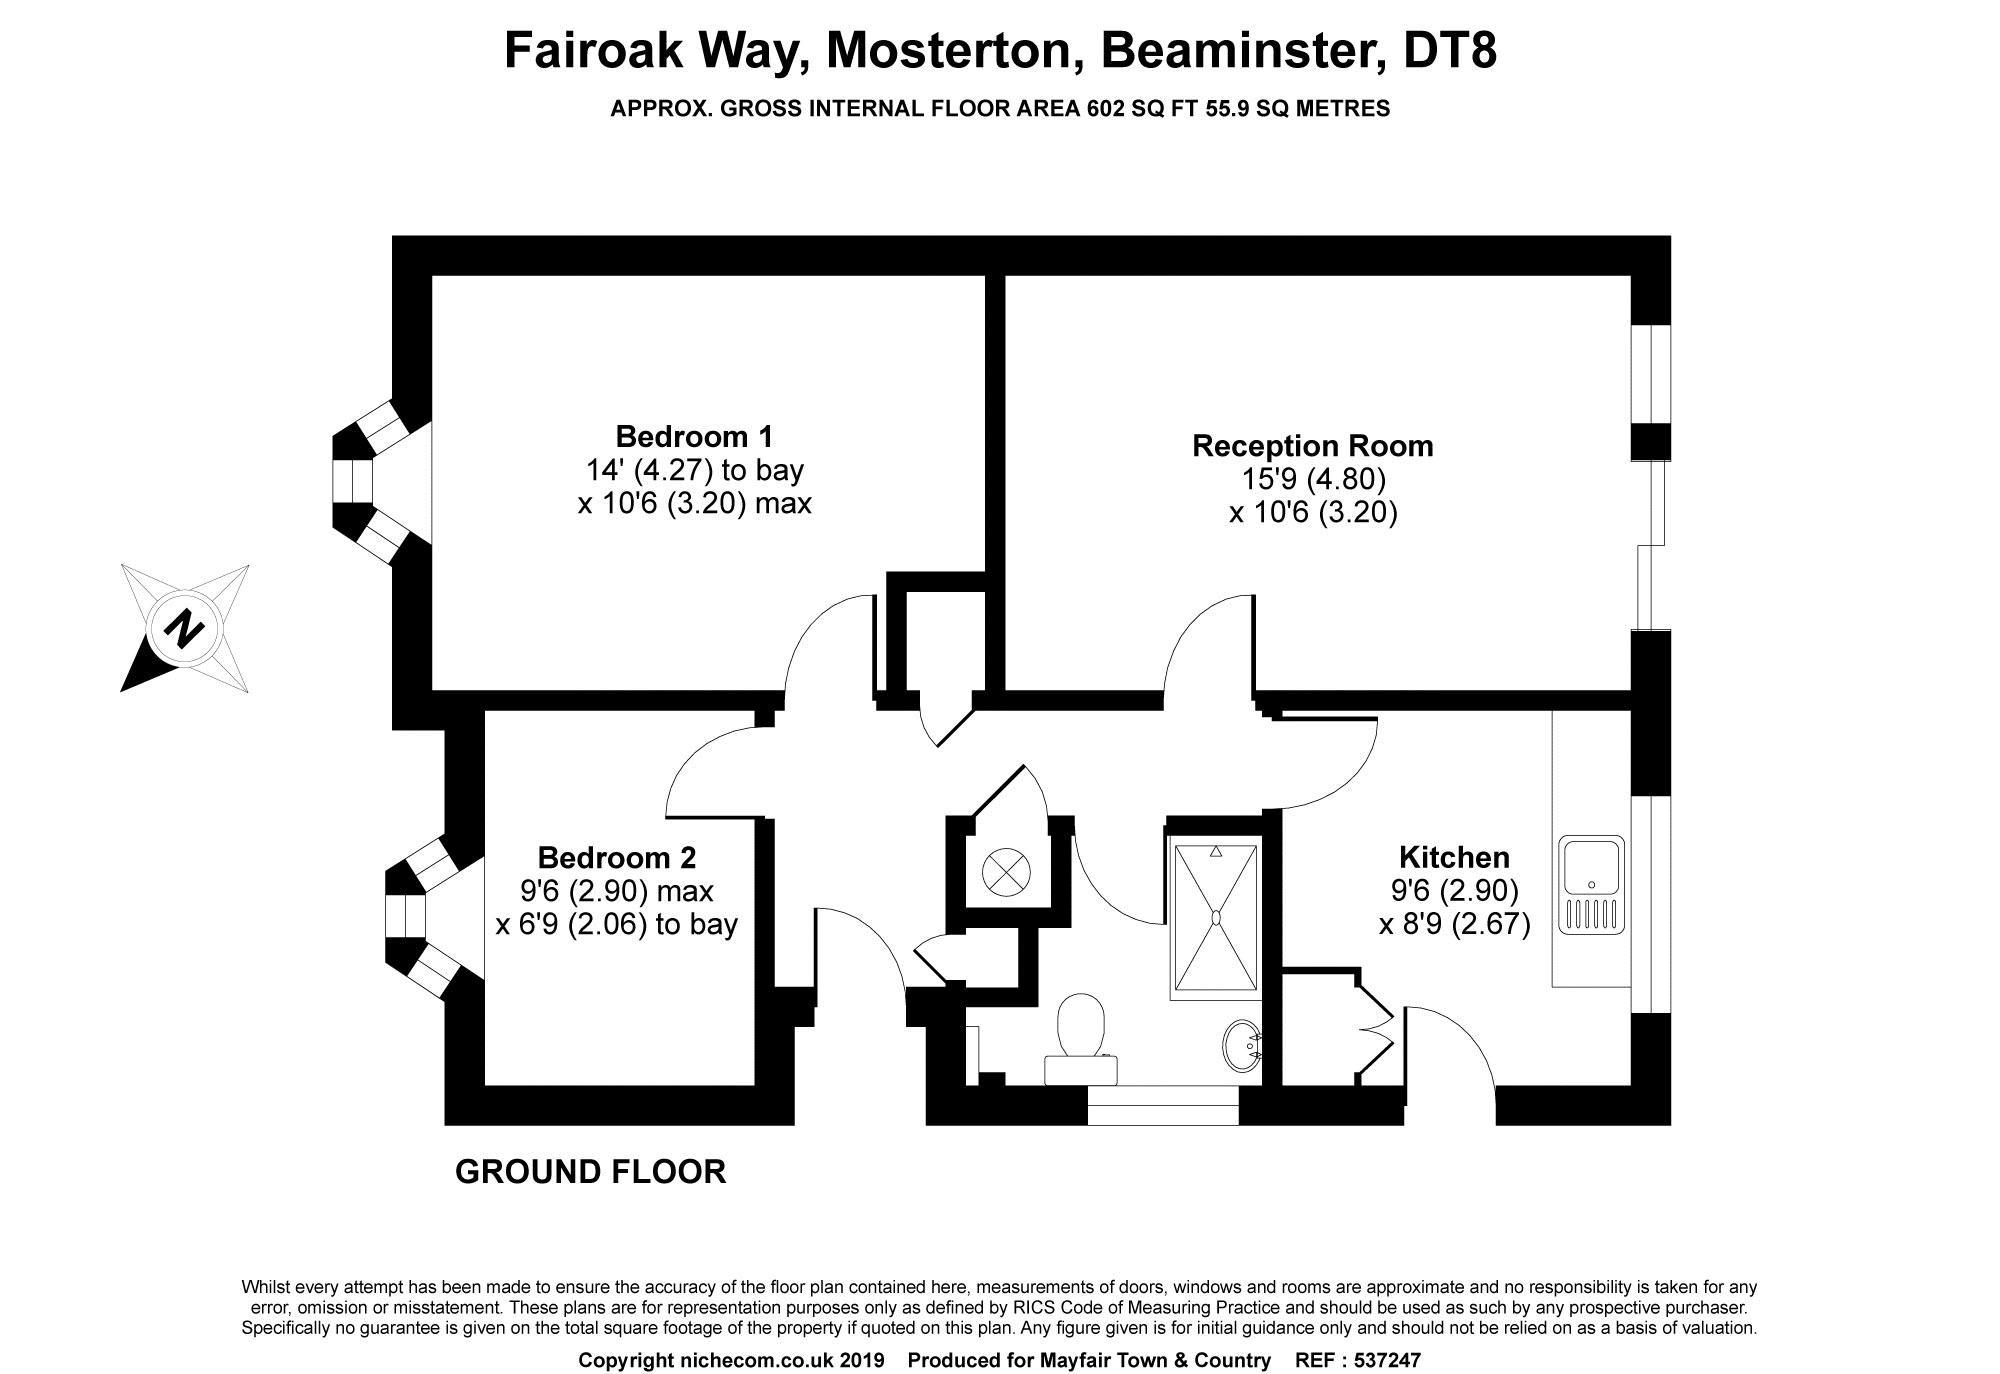 Fairoak Way Mosterton